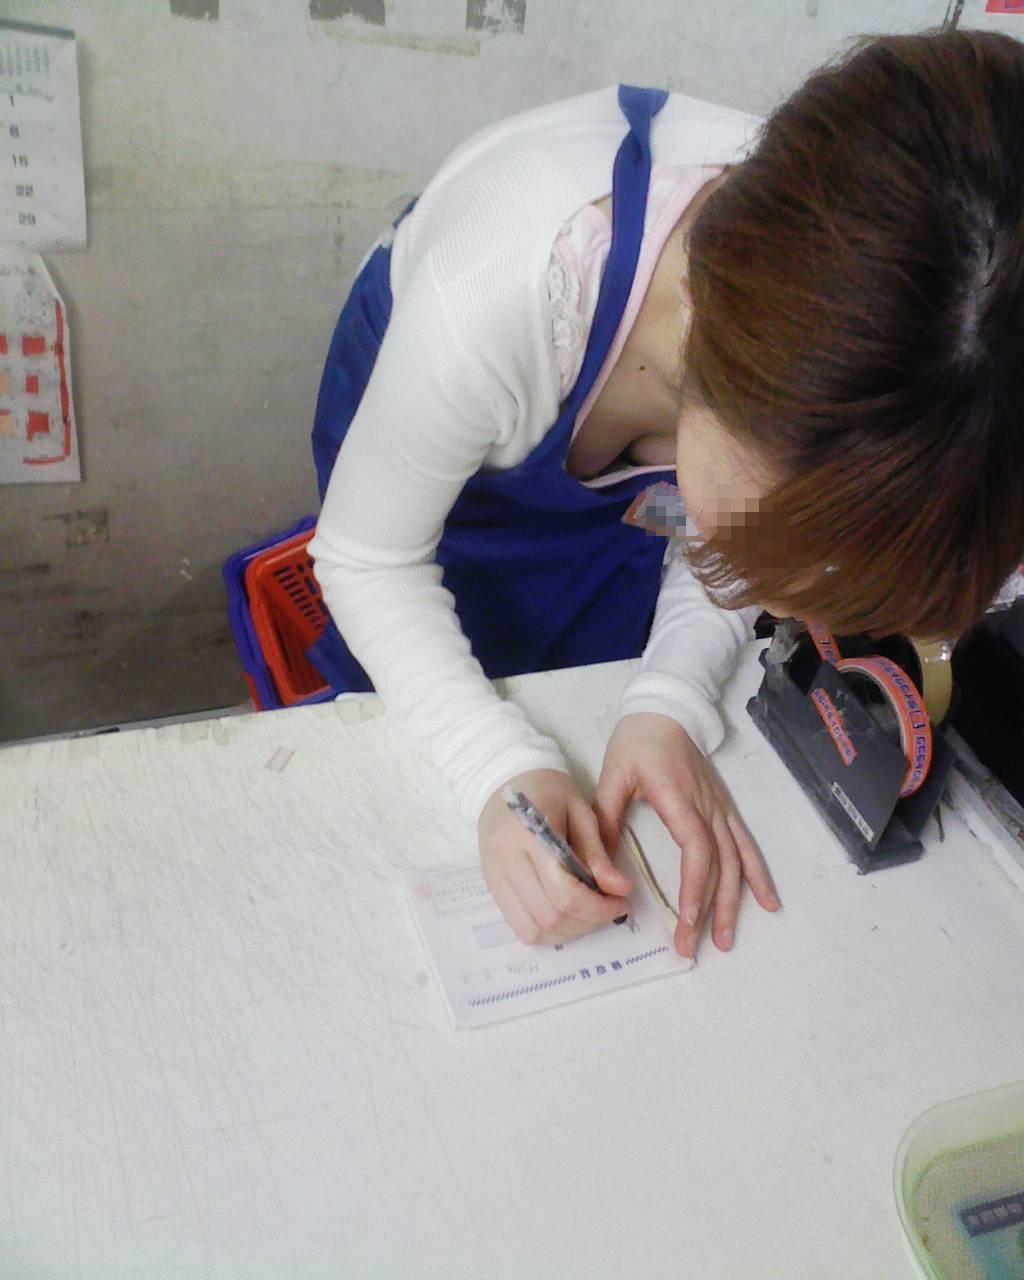 前屈み ショップ店員 乳首チラ ブラチラ 胸チラ エロ画像【31】